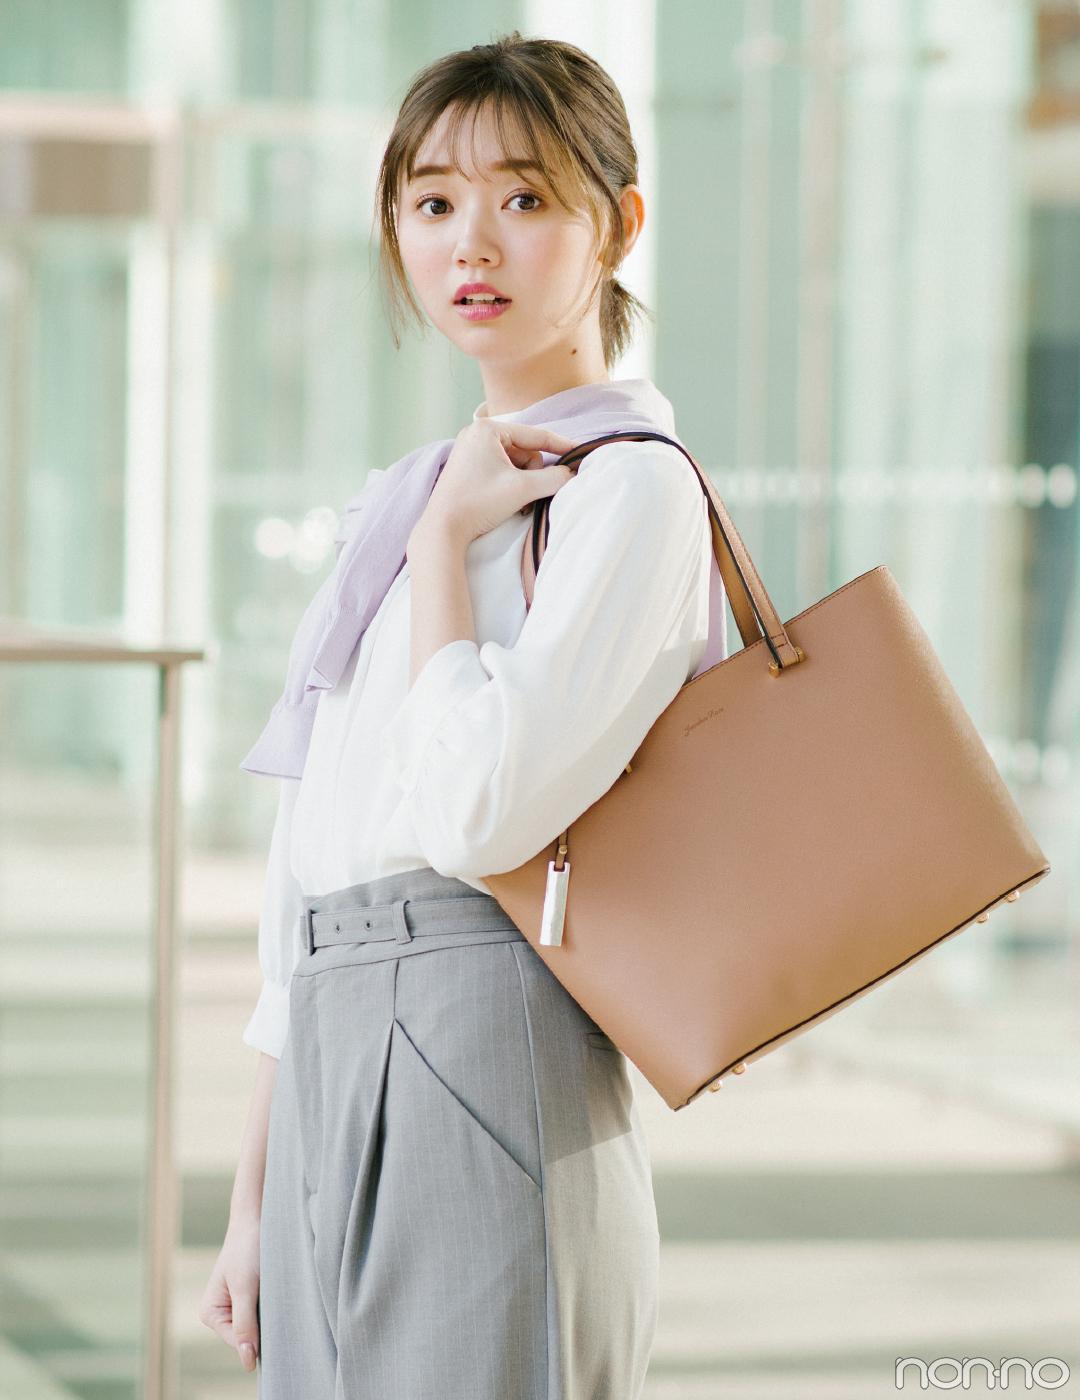 【20代女子のための通勤バッグ】在宅が多い今こそじっくり買い替え吟味!_1_2